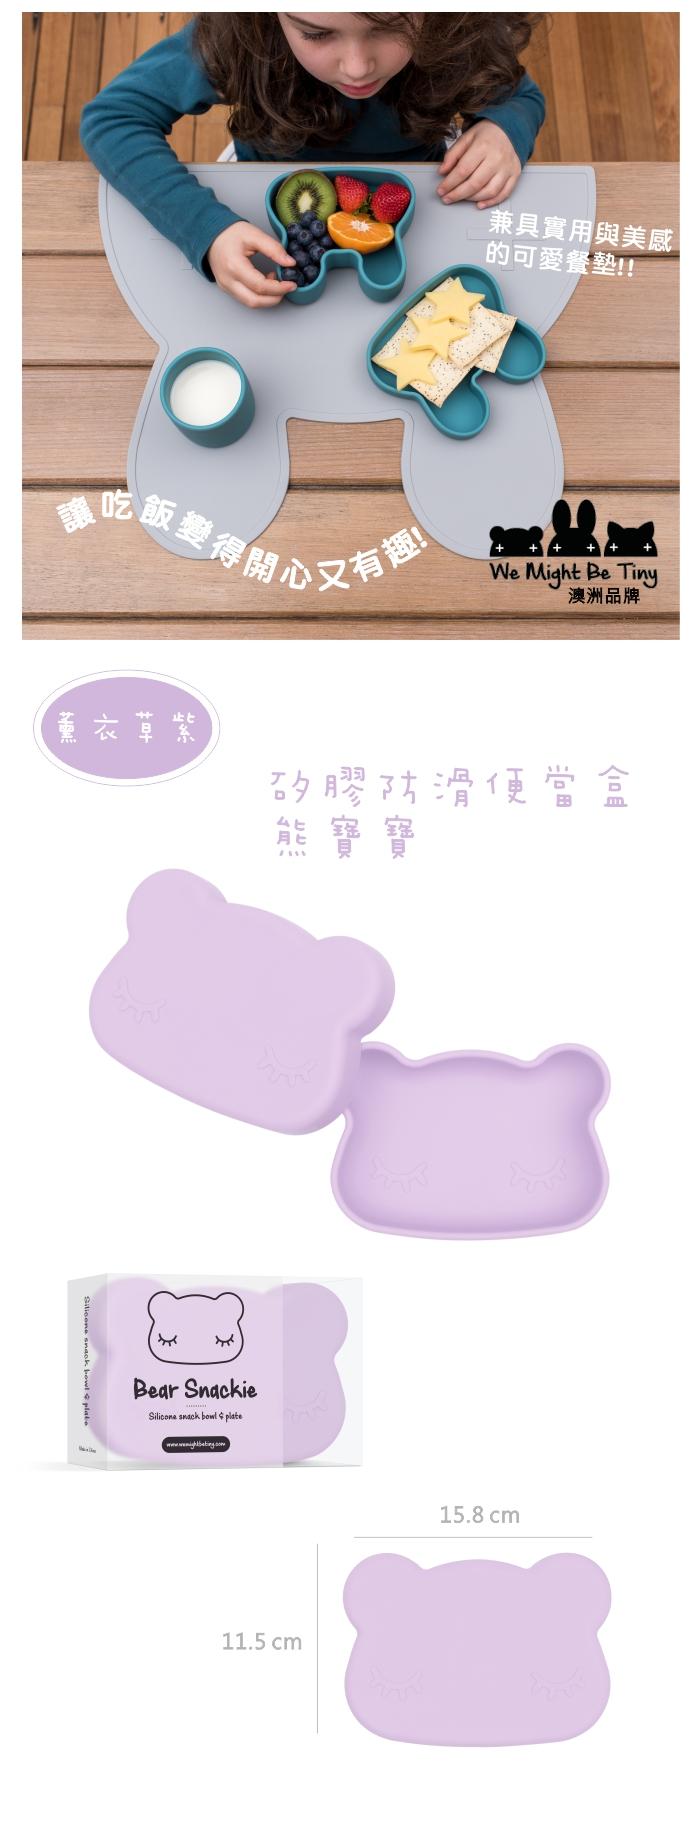 (複製)澳洲We Might Be Tiny|矽膠防滑便當盒熊寶寶-薰衣草紫